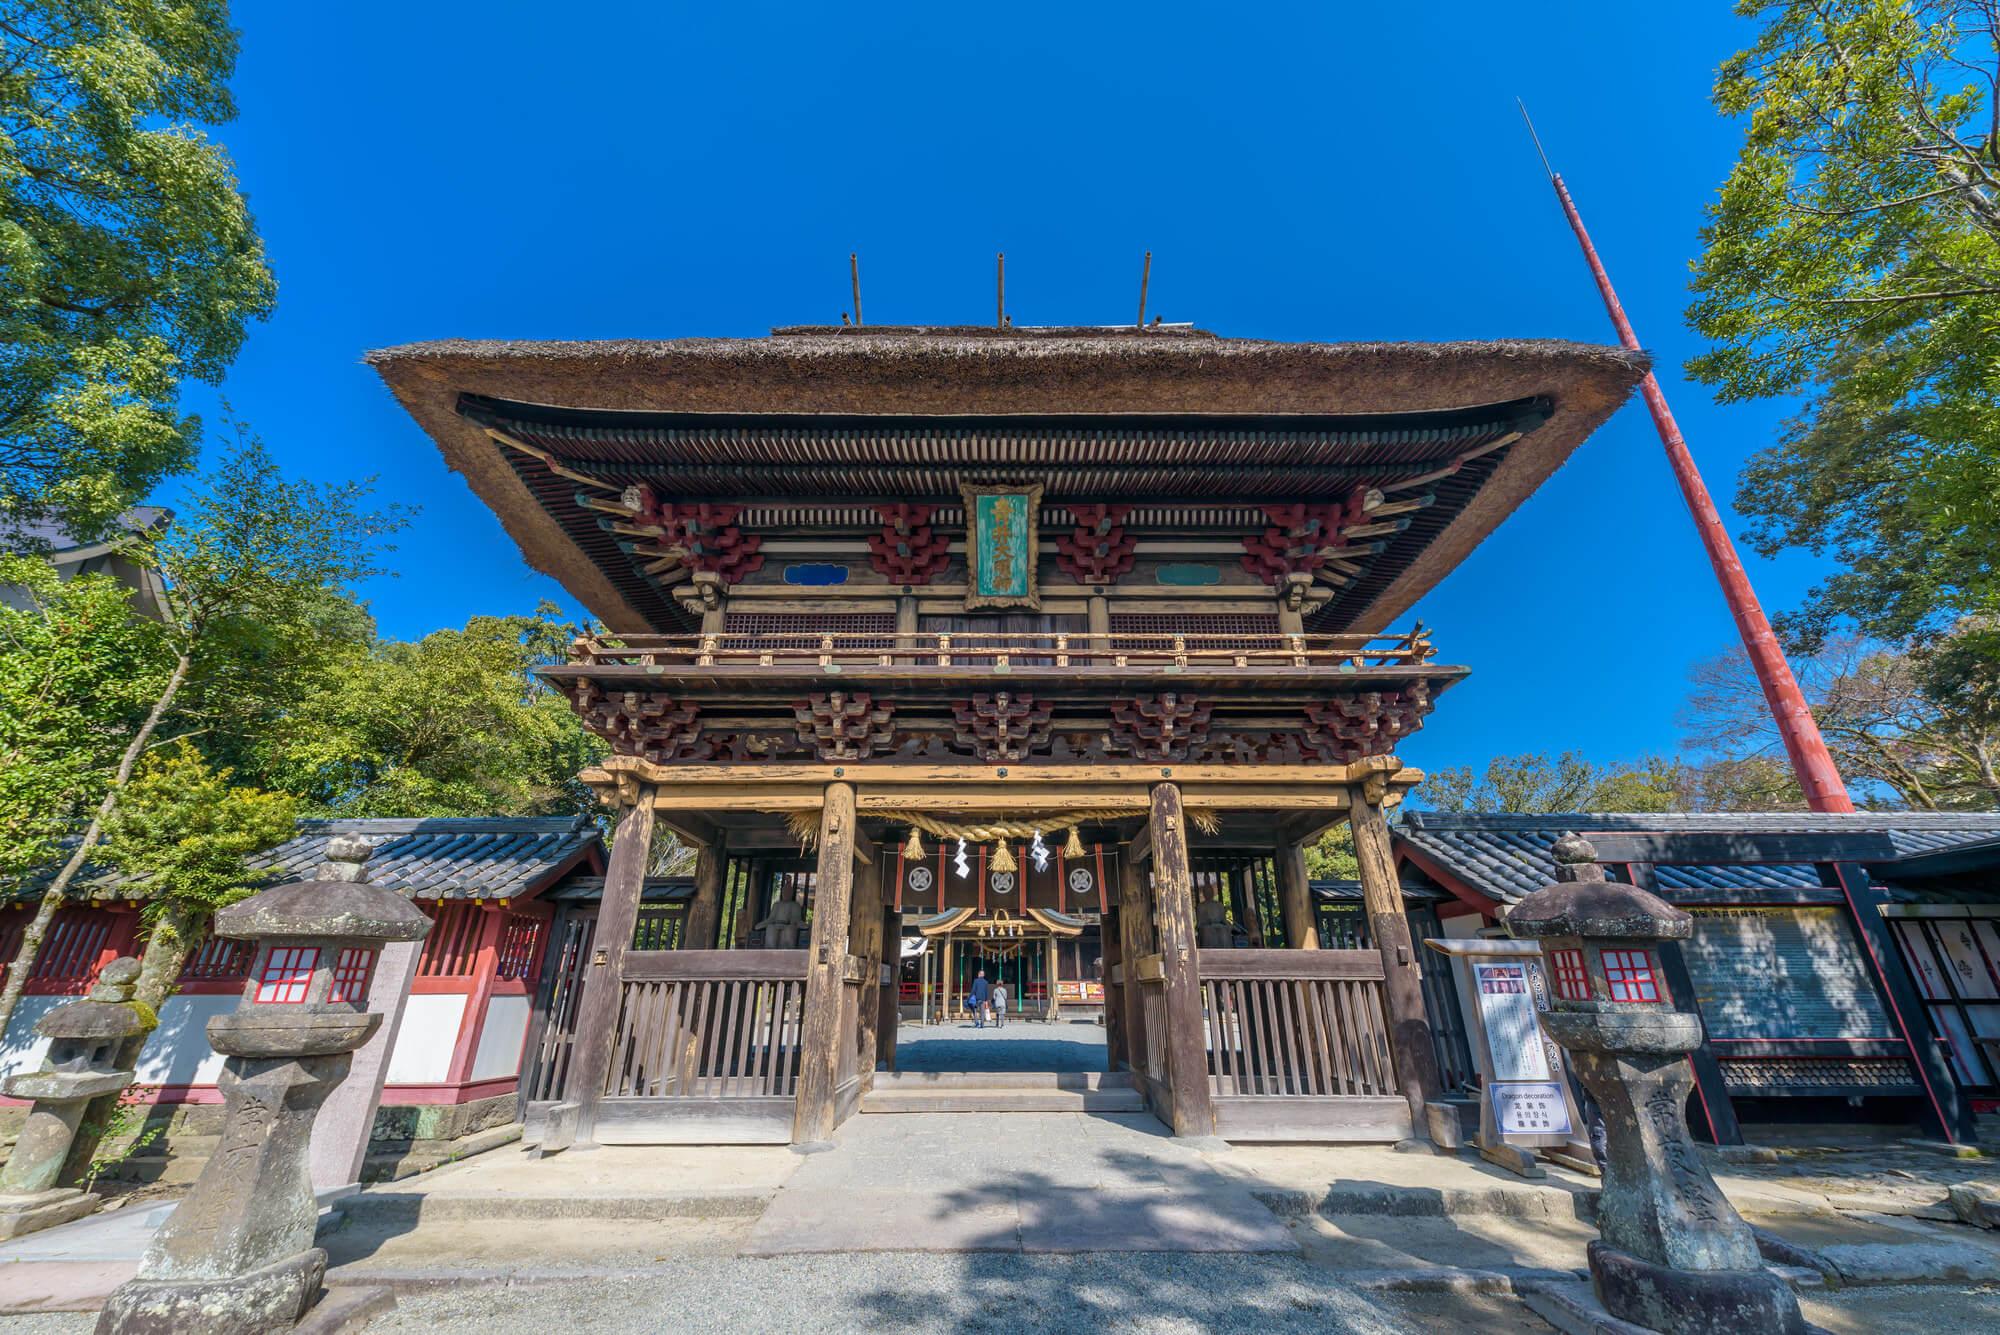 熊本でおすすめのパワースポット20